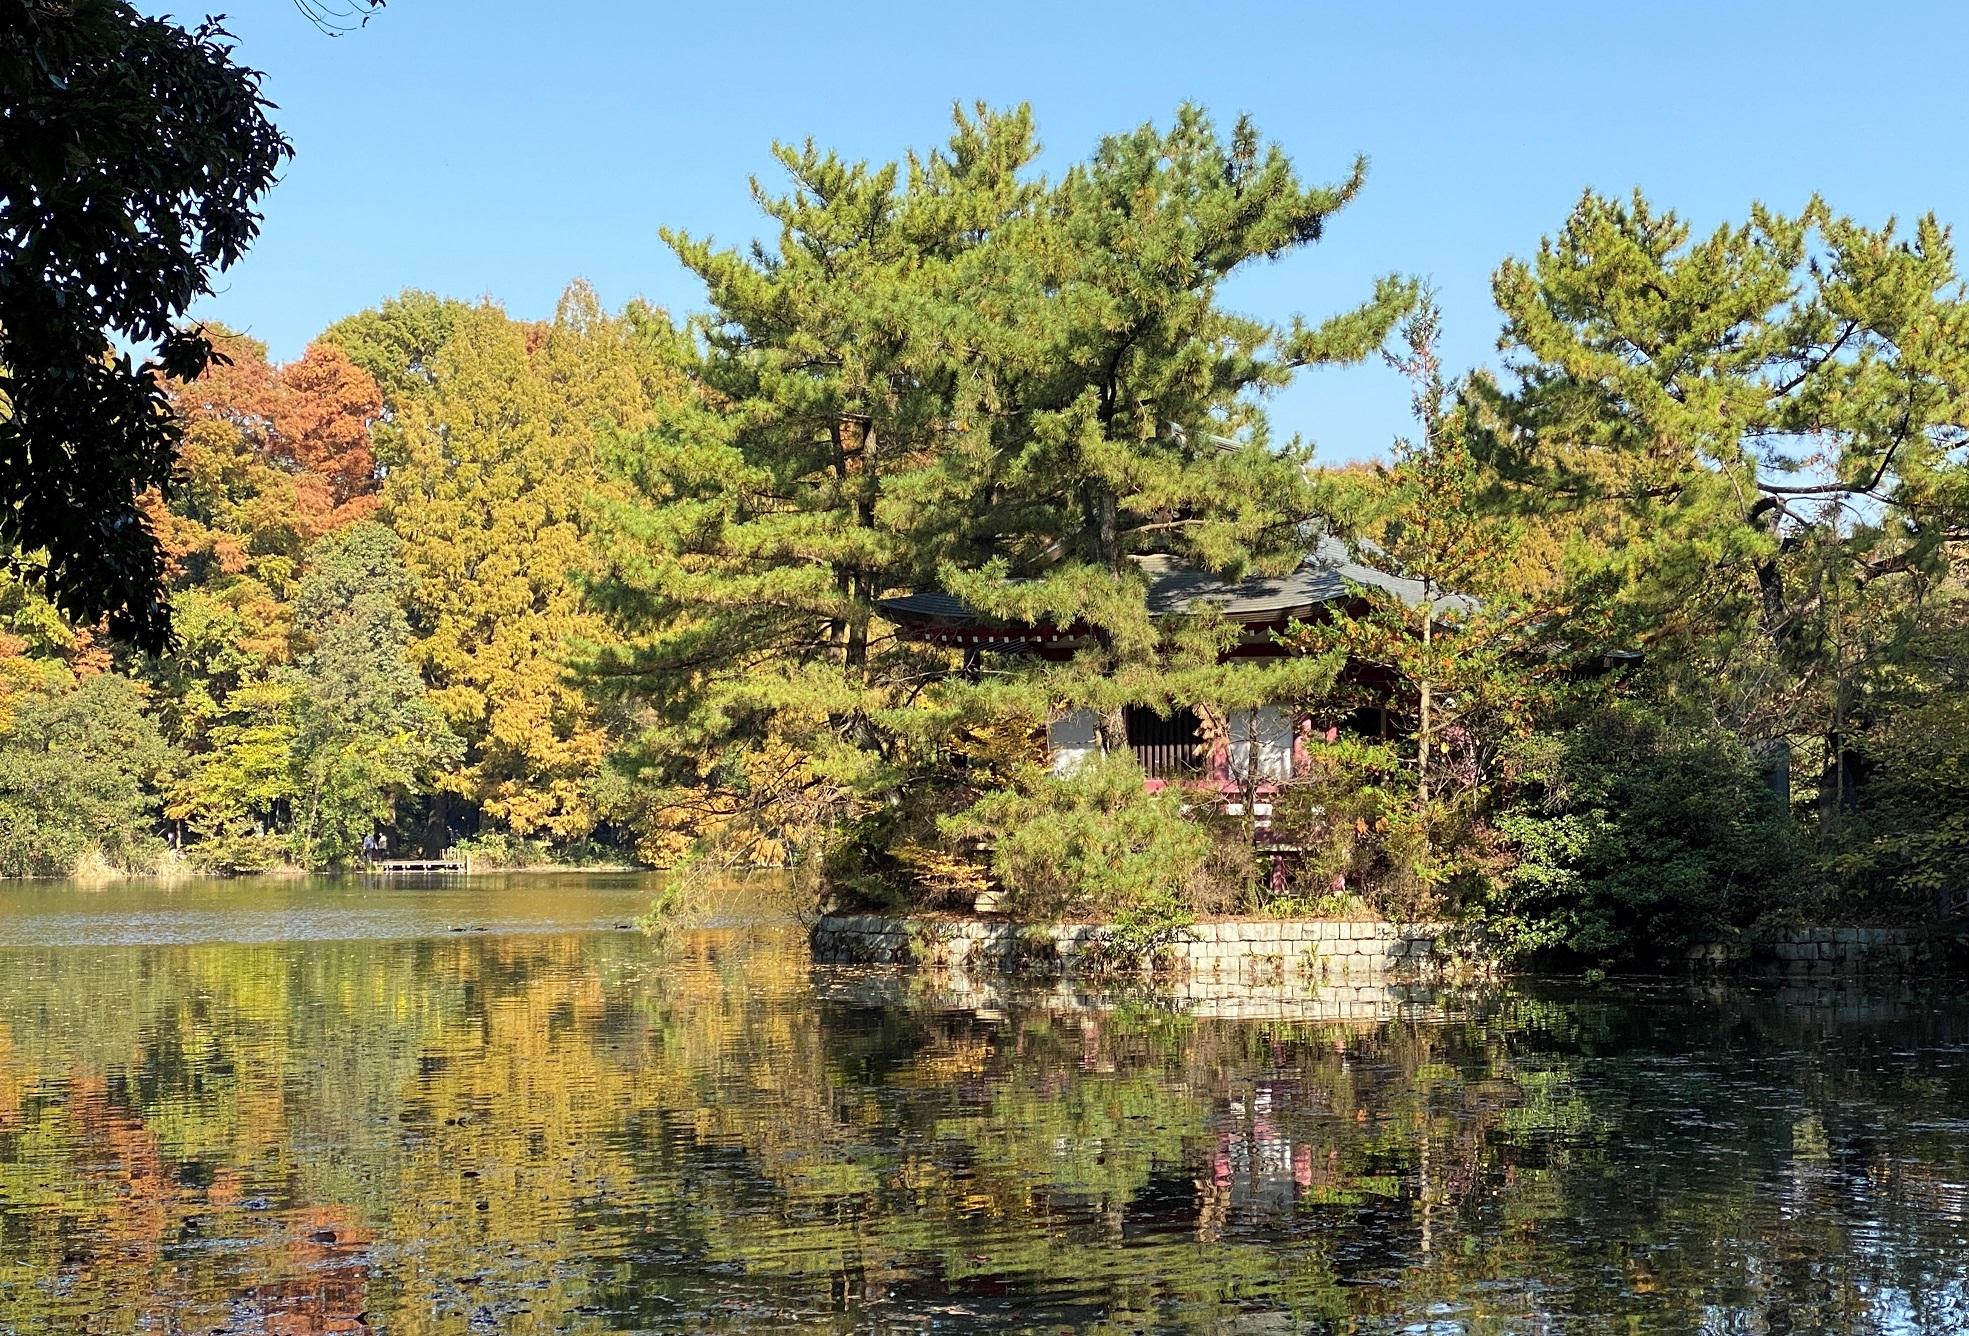 三宝寺池-都立石神井公園-練馬区-東京-撮影:iPhone 11 Pro